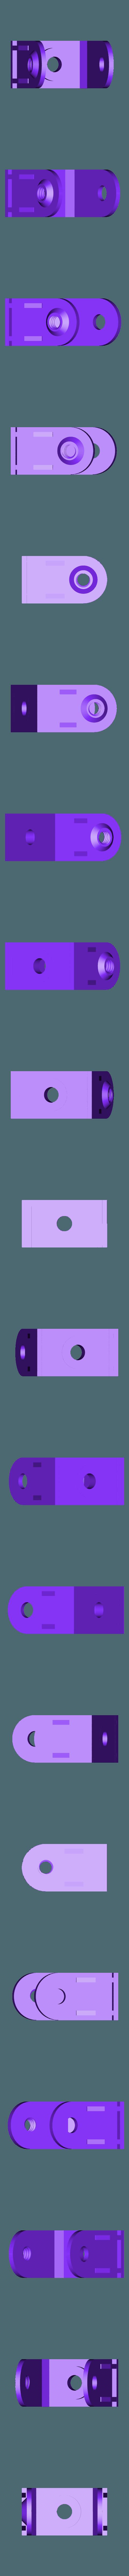 U-Bracket.stl Télécharger fichier STL gratuit Support de caméra de plafond pour plafonds commerciaux de 600 mm • Design imprimable en 3D, PapaBravo